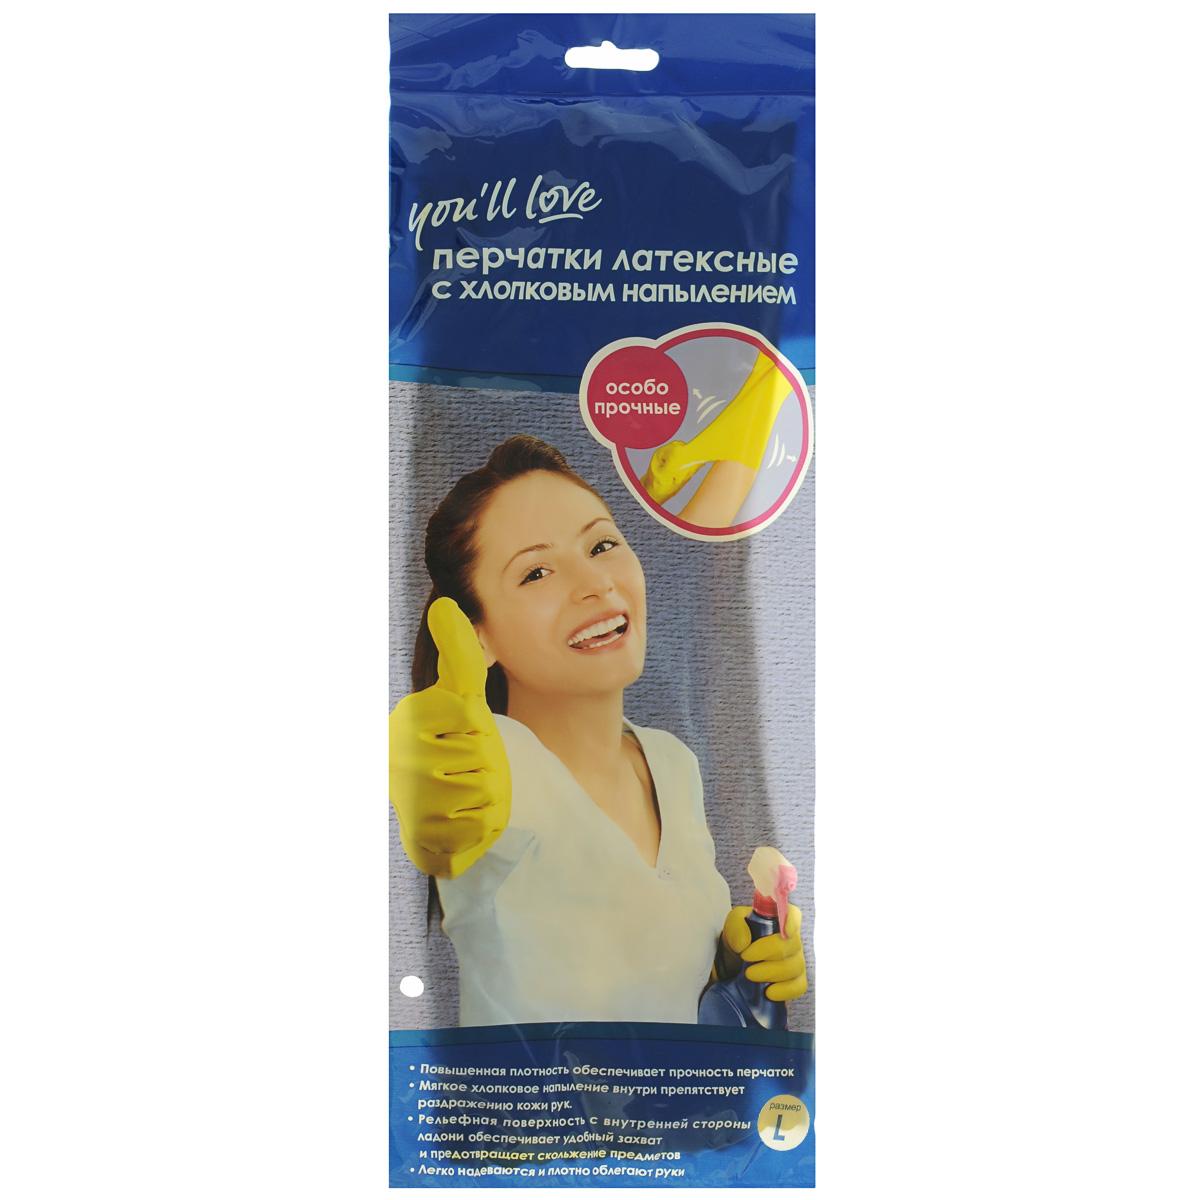 Перчатки латексные Youll love, особо прочные. Размер L61297Особо прочные, плотные латексные перчатки Youll love с хлопковым напылением. Отлично защищают руки от загрязнений и воздействия моющих средств. Рельефная поверхность с внутренней стороны ладони обеспечивает удобный захват и антискользящий эффект. Хлопковое напыление защищает от раздражений.